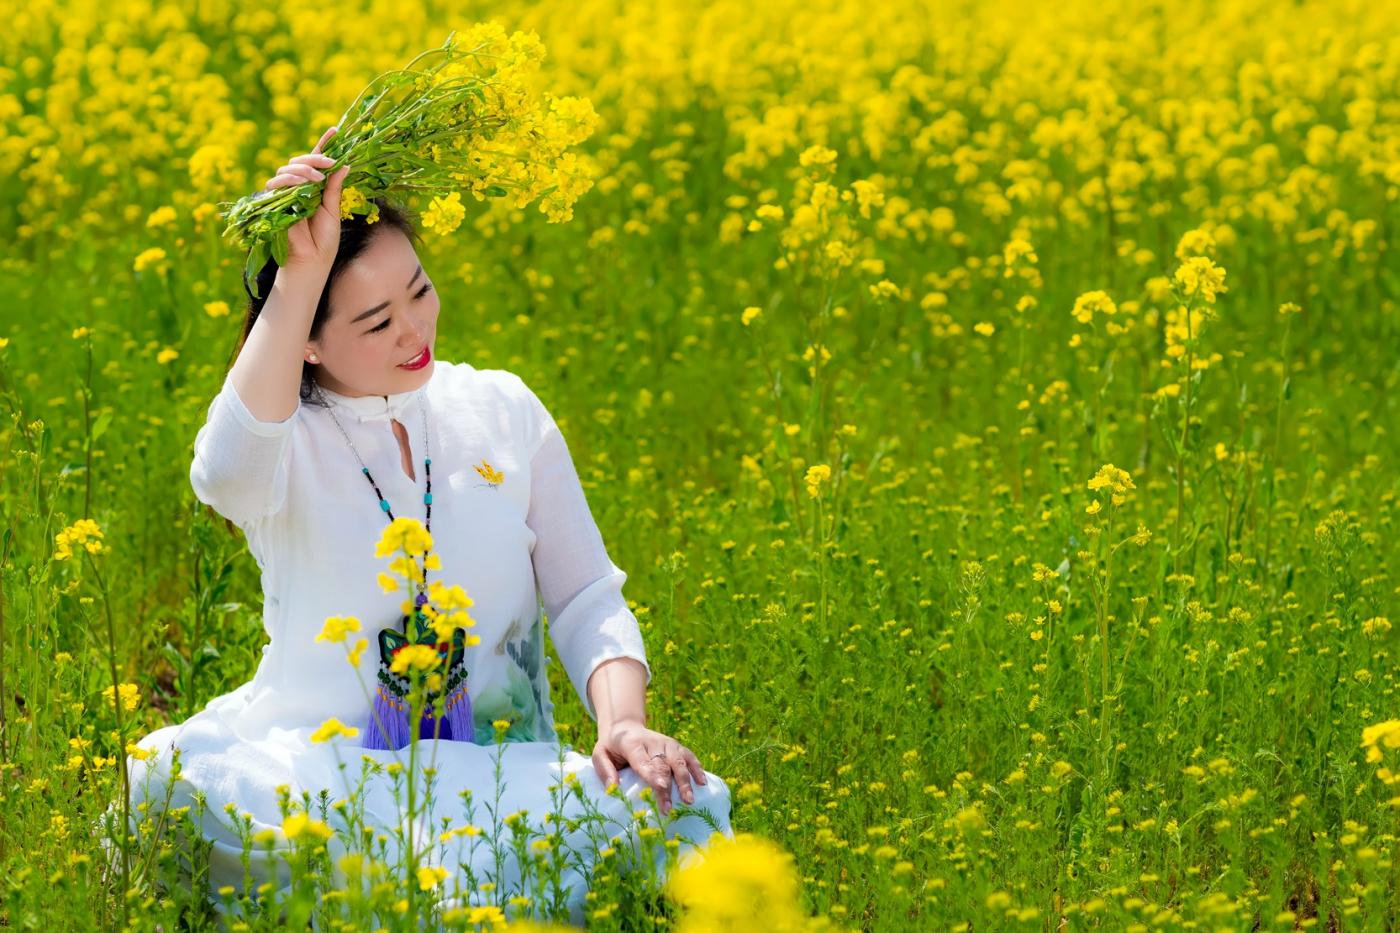 清明时节踏春的临沂女孩们_图1-8